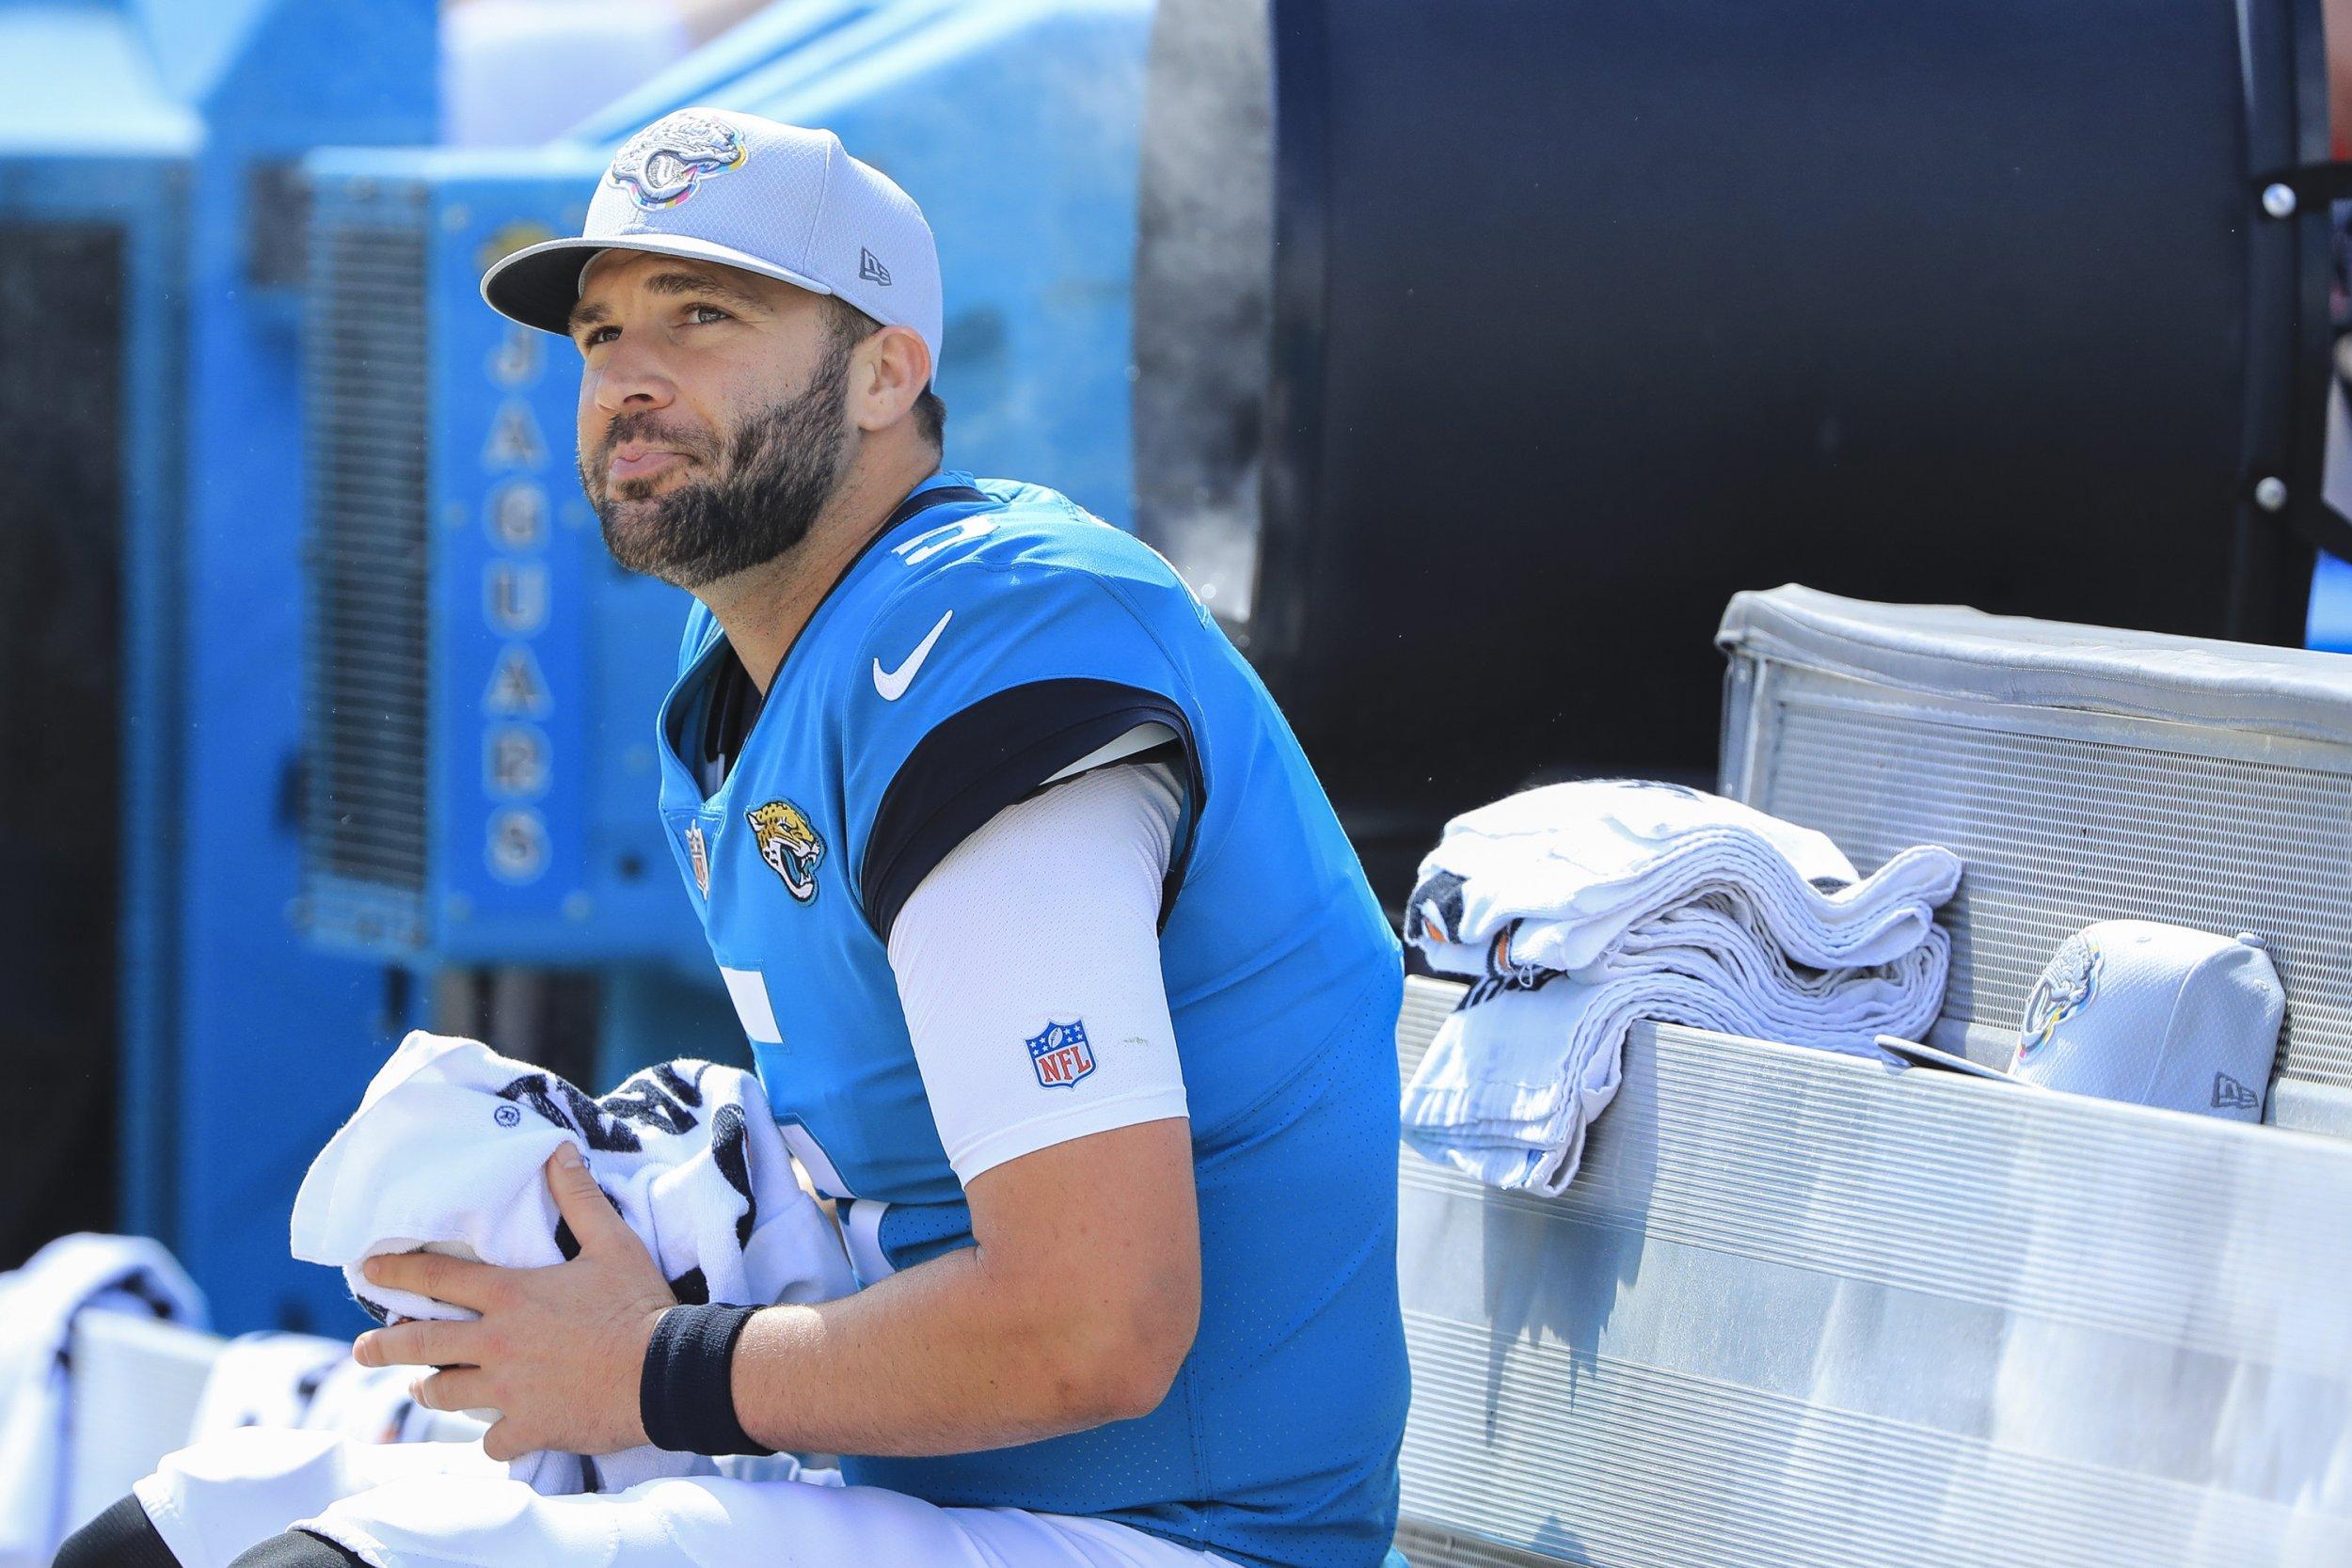 Jacksonville Jaguars quarterback Blake Bortles